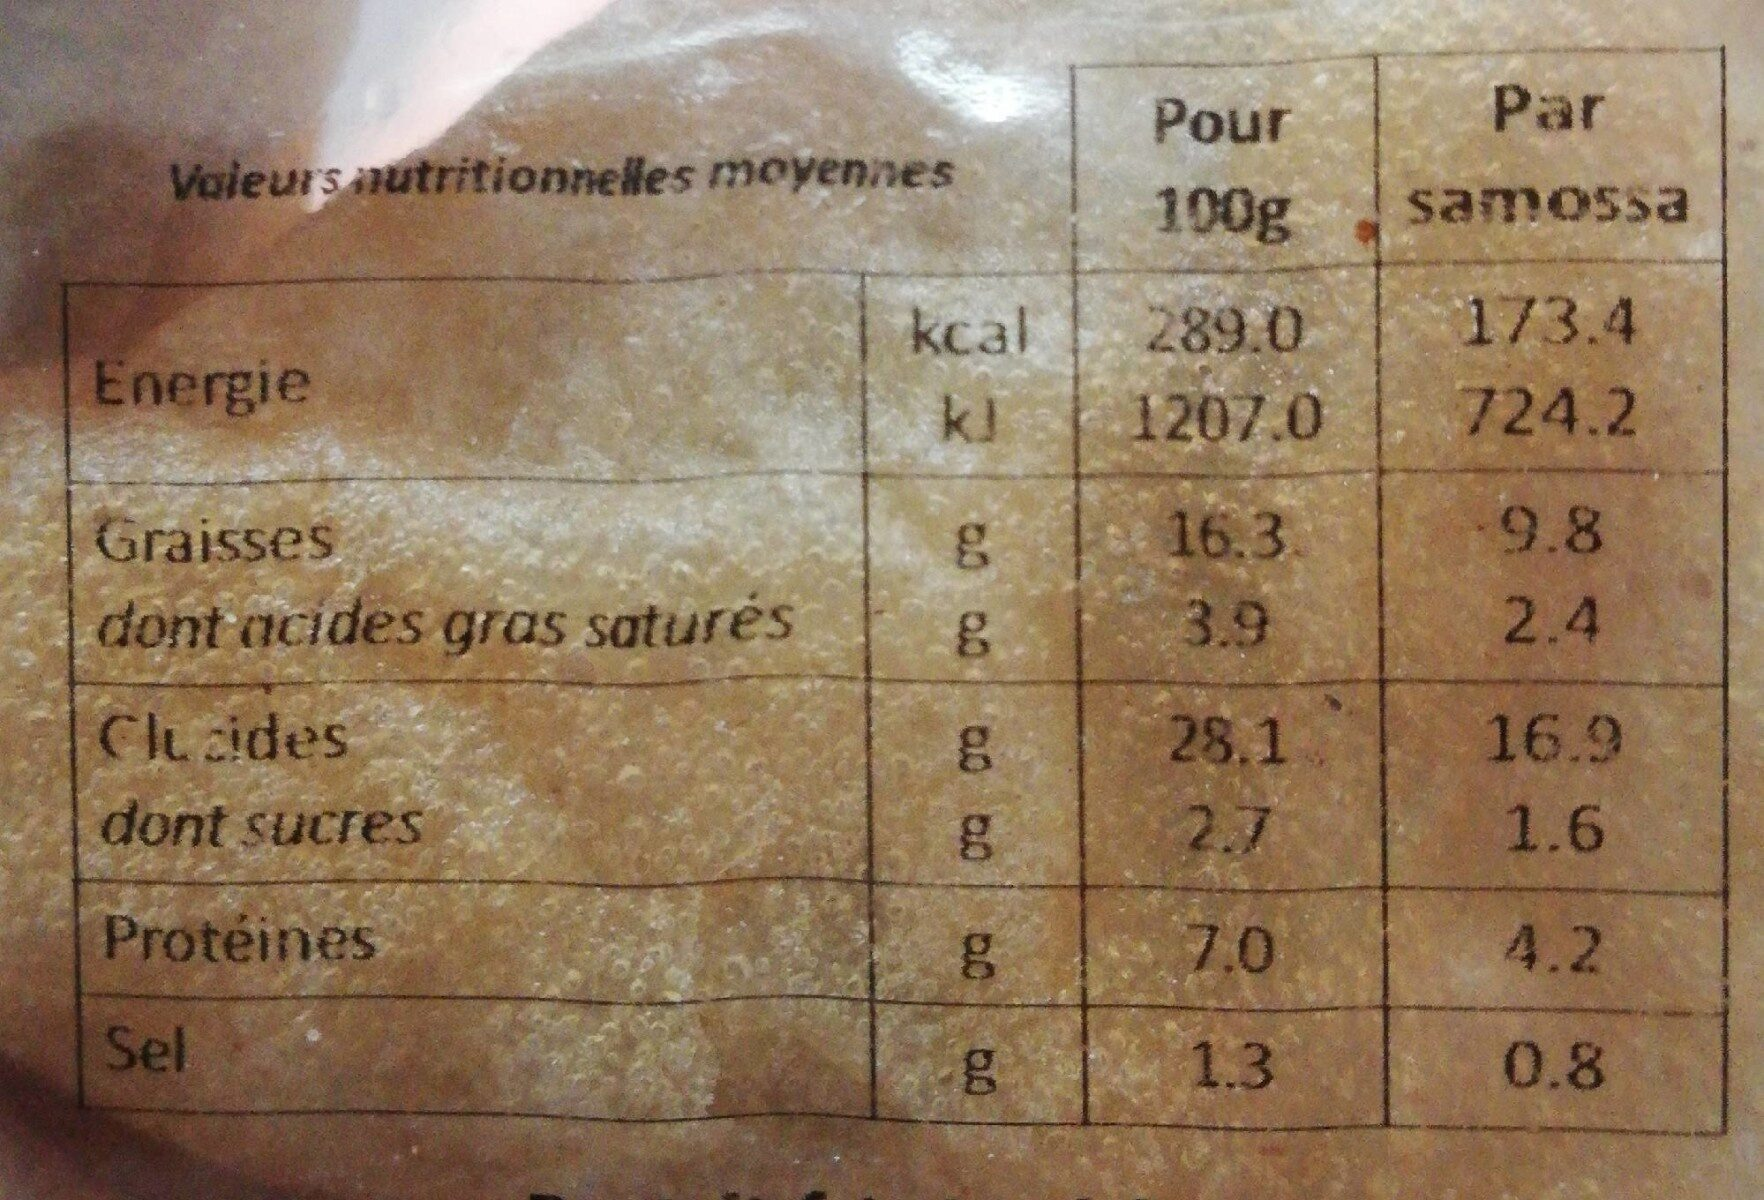 Le Cantonnais Samossas la barquette de 4 240 g - Informations nutritionnelles - fr